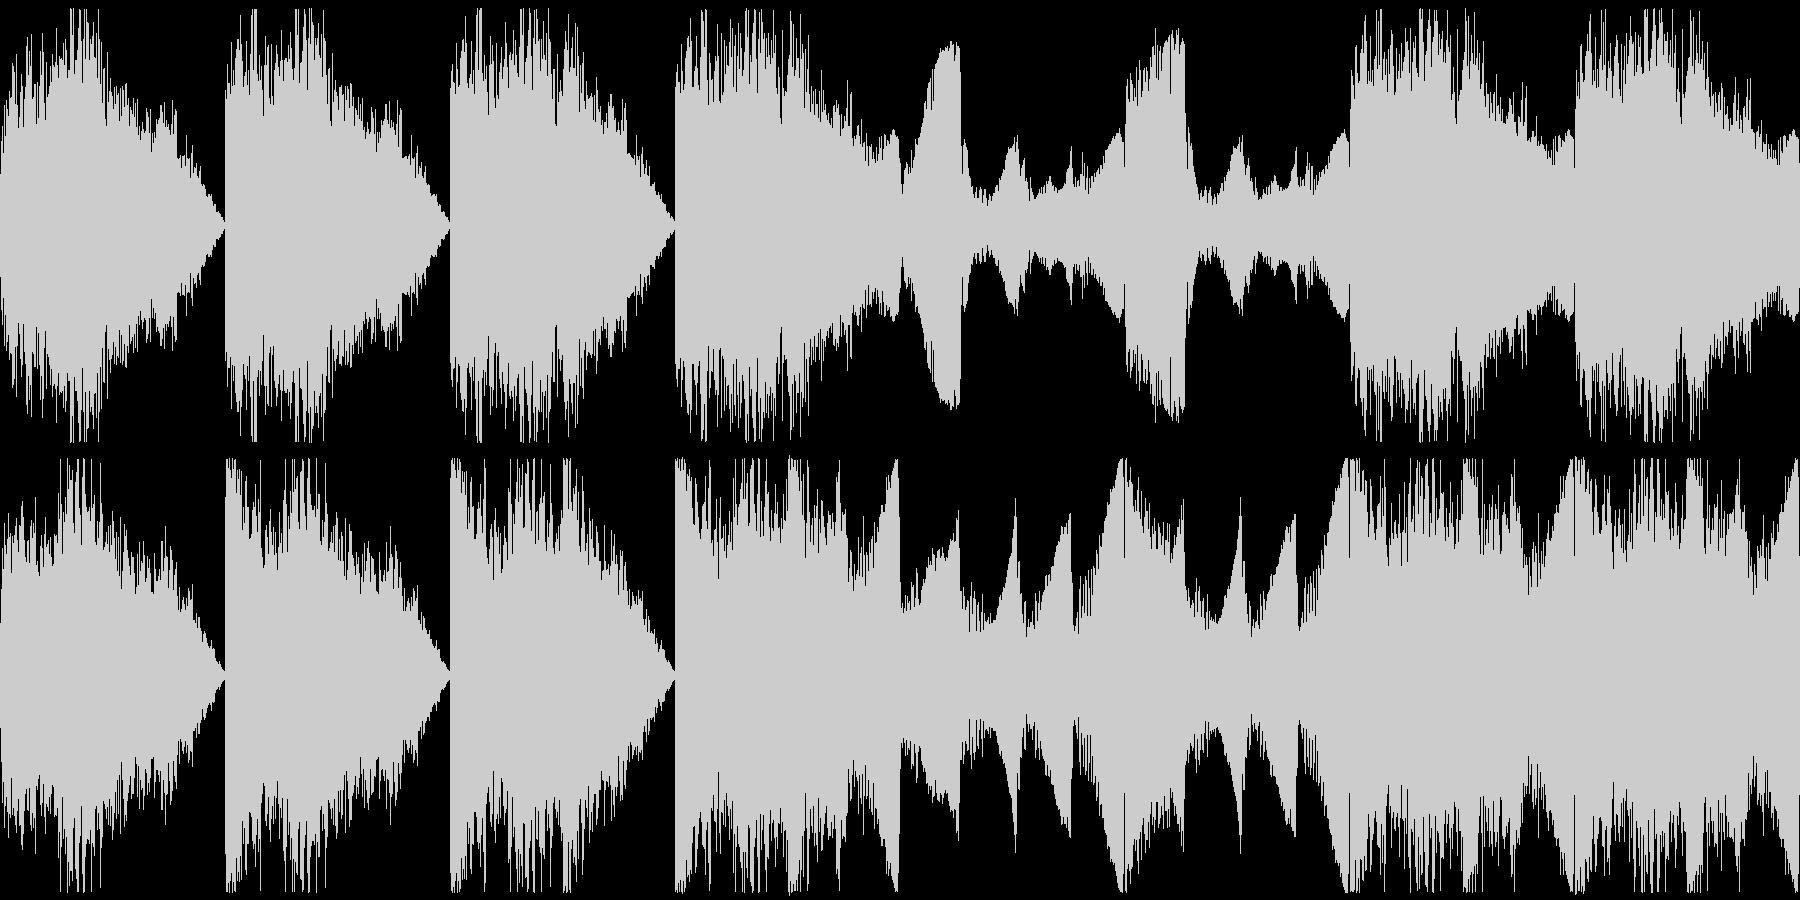 【ダーク/ホラー/ファンタジー/BGM】の未再生の波形